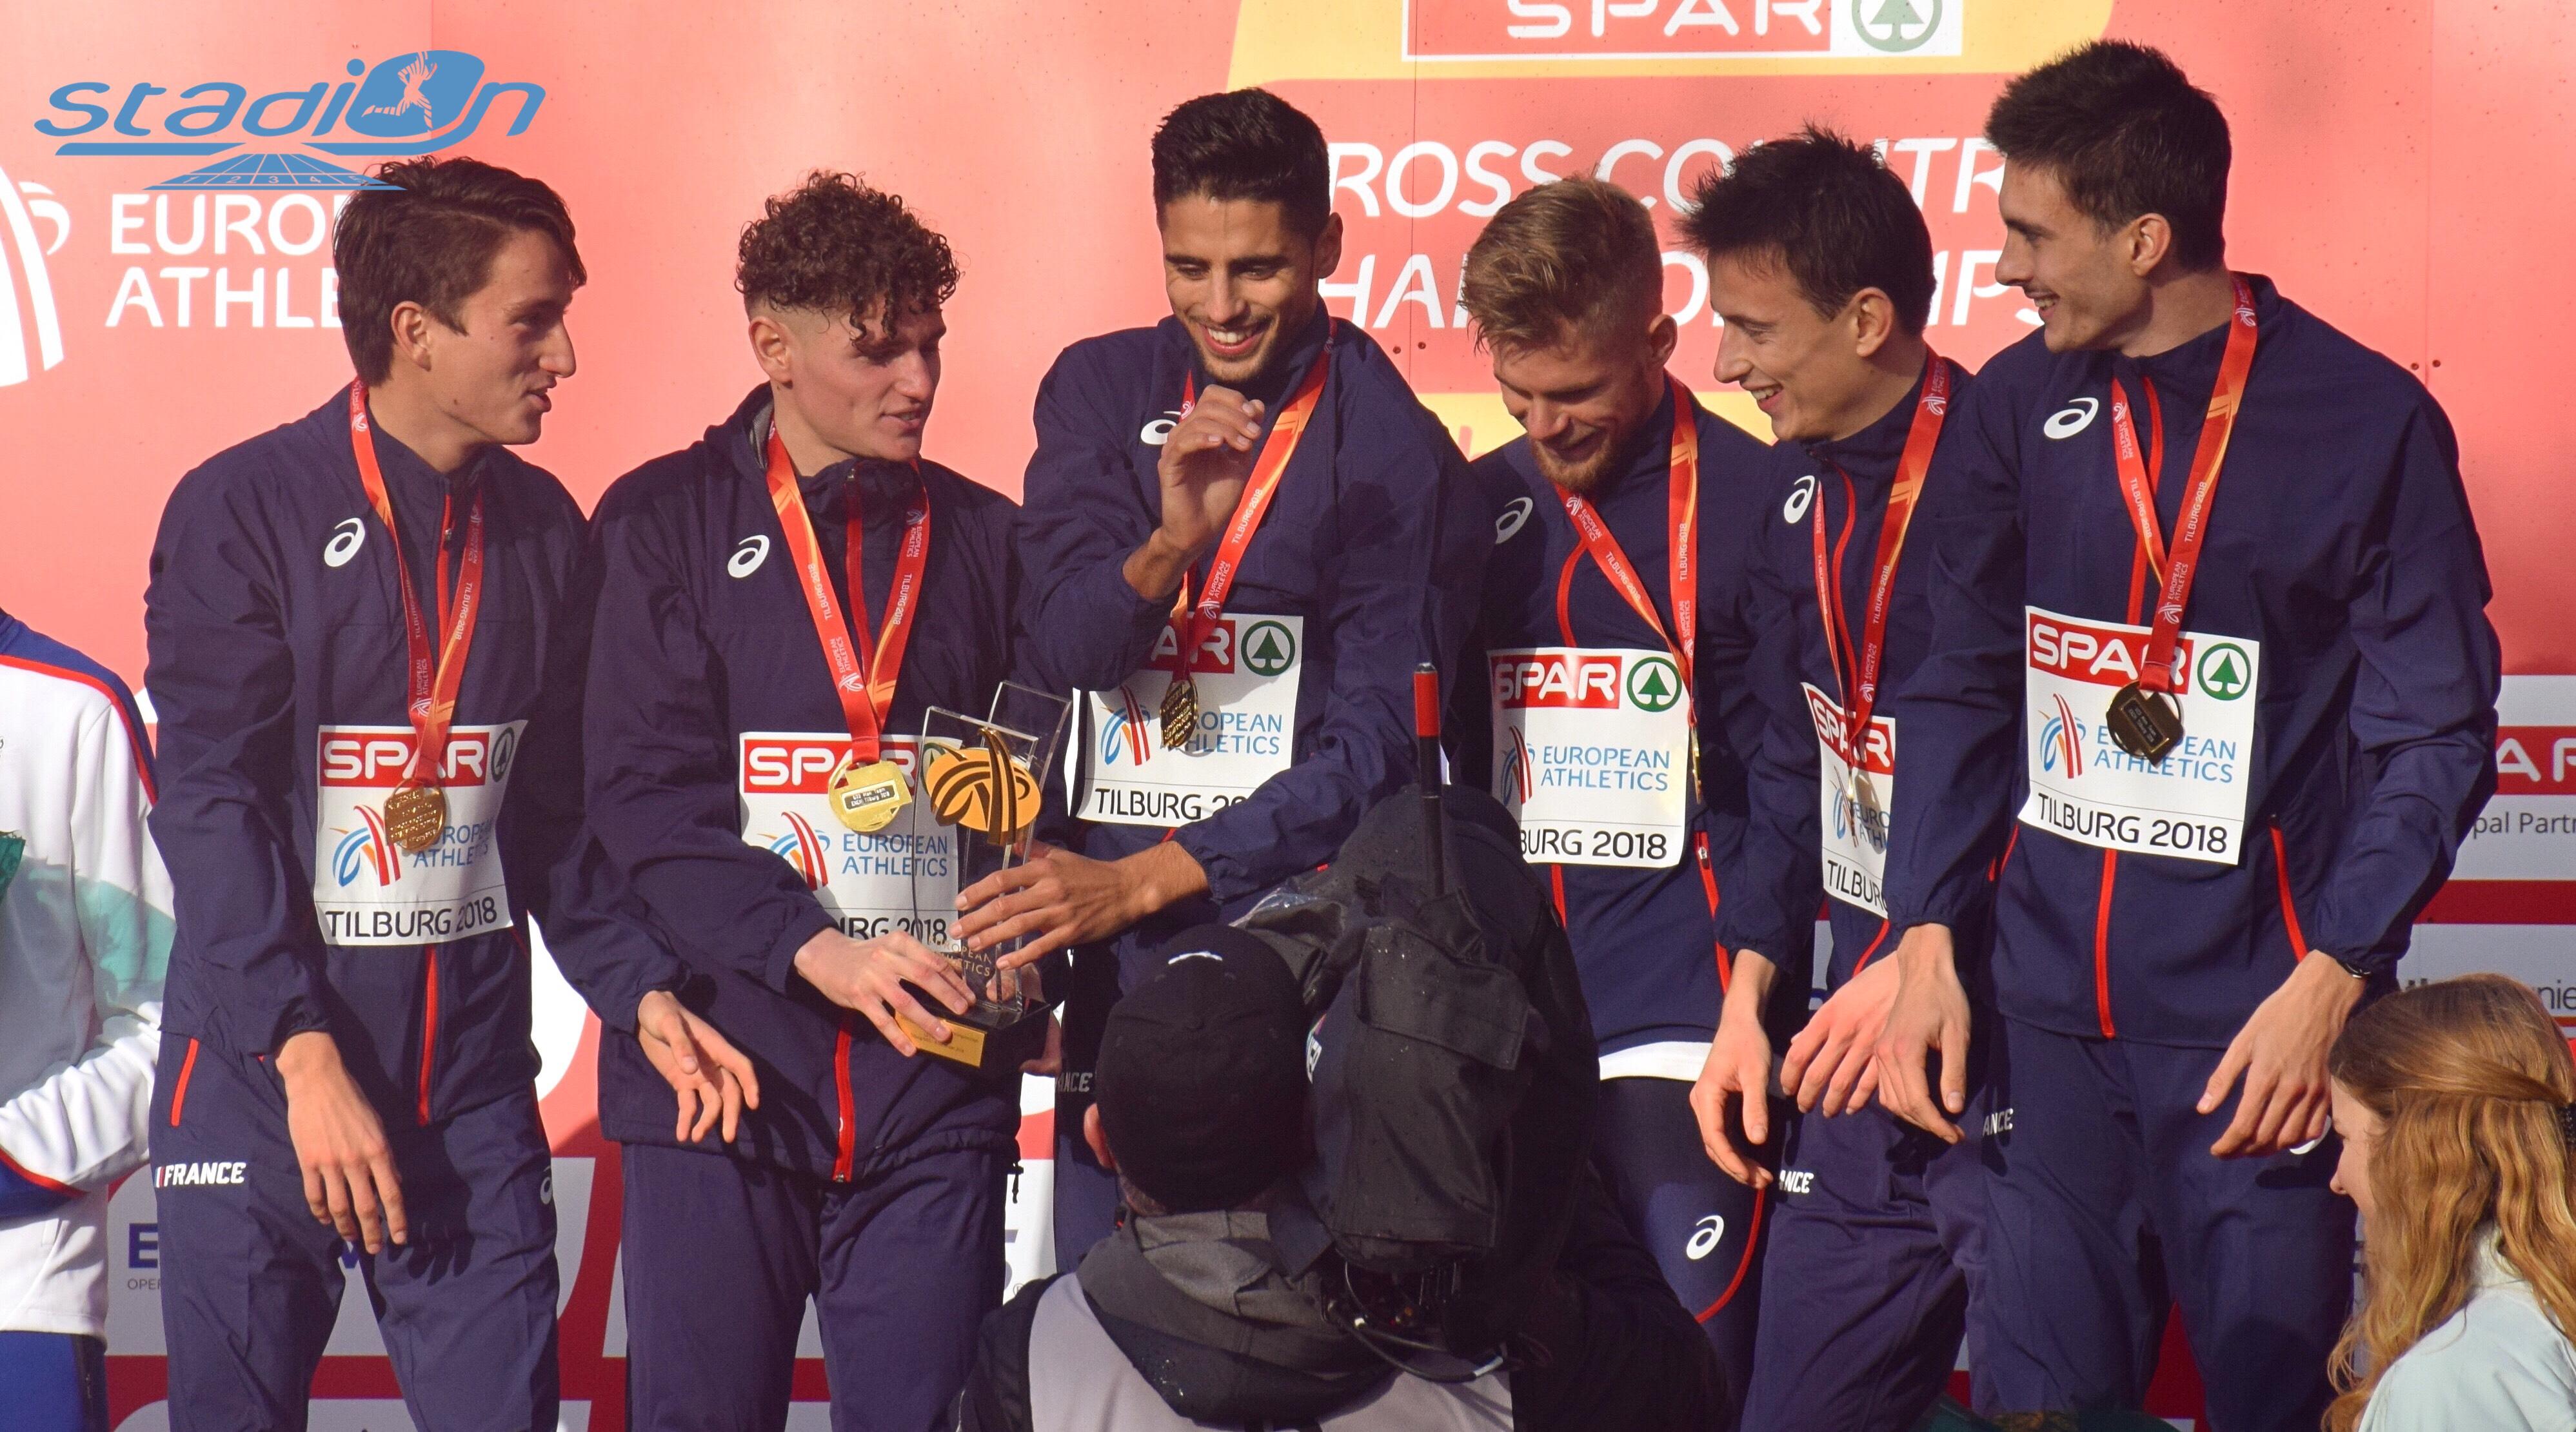 Championnats d'Europe de cross : La France deuxième du tableau des médailles